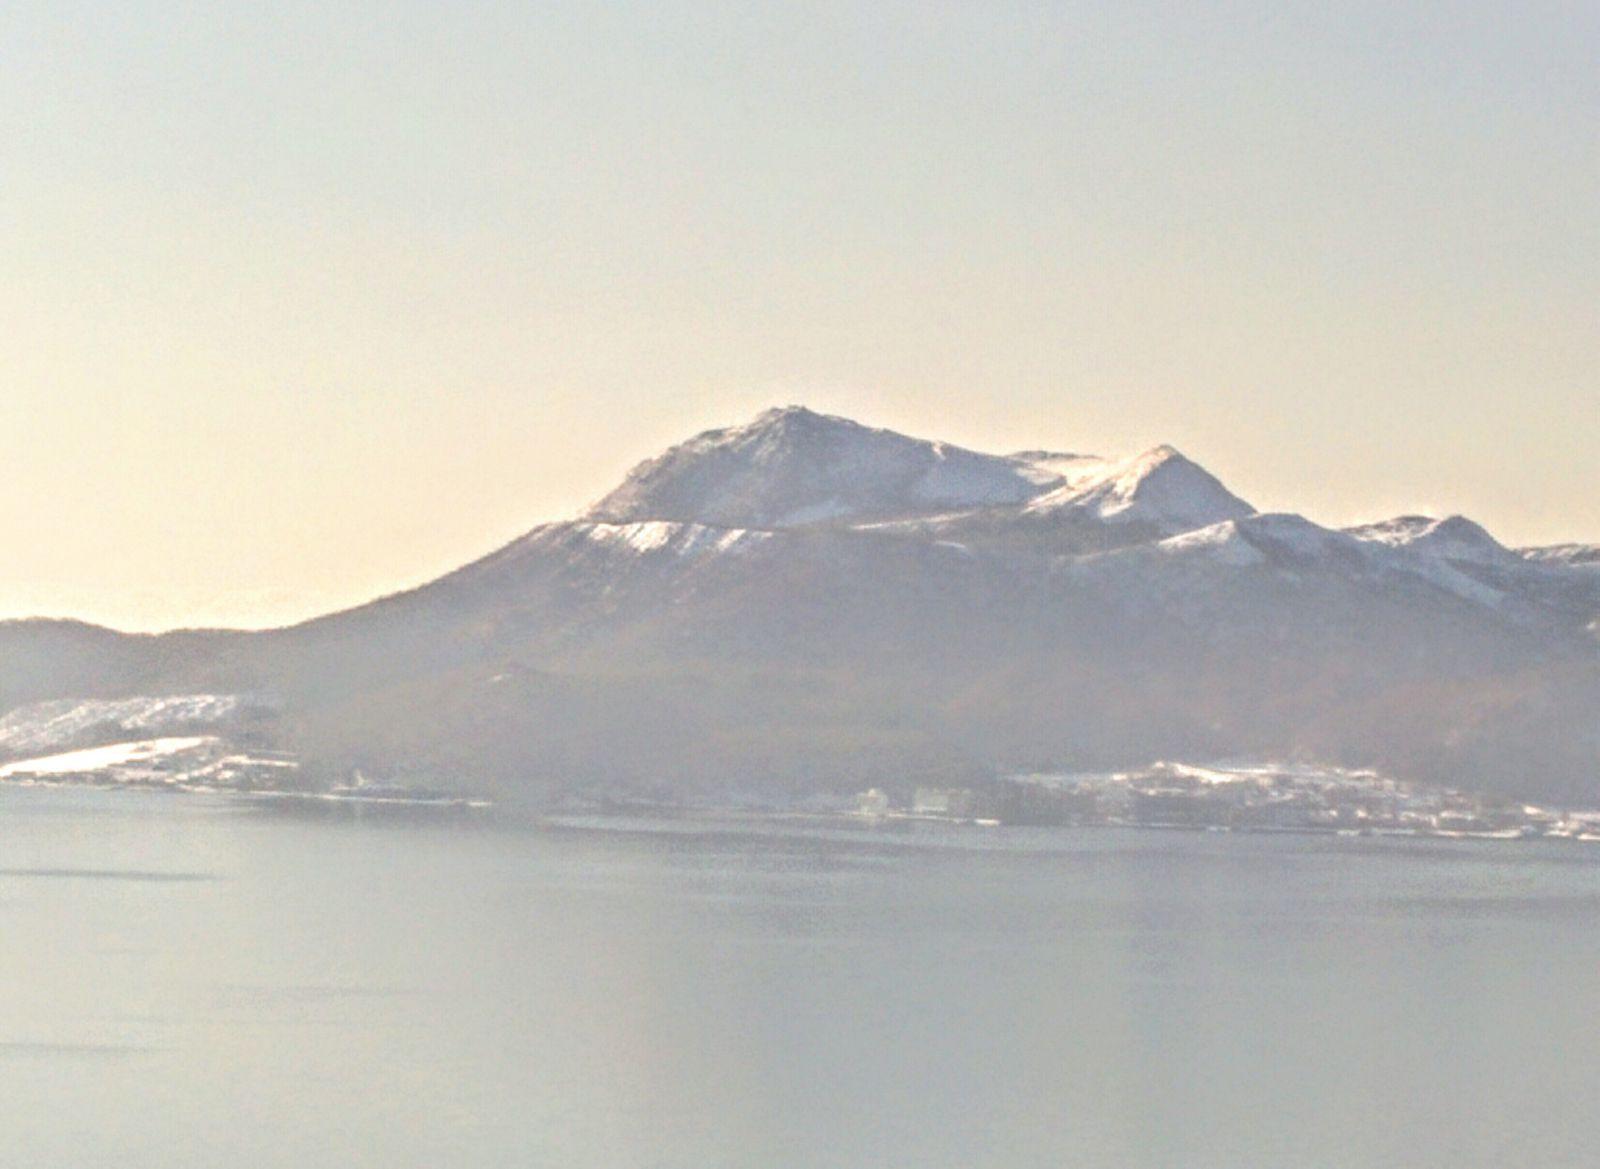 【洞爺湖温泉】冬の有珠山観光案内です。